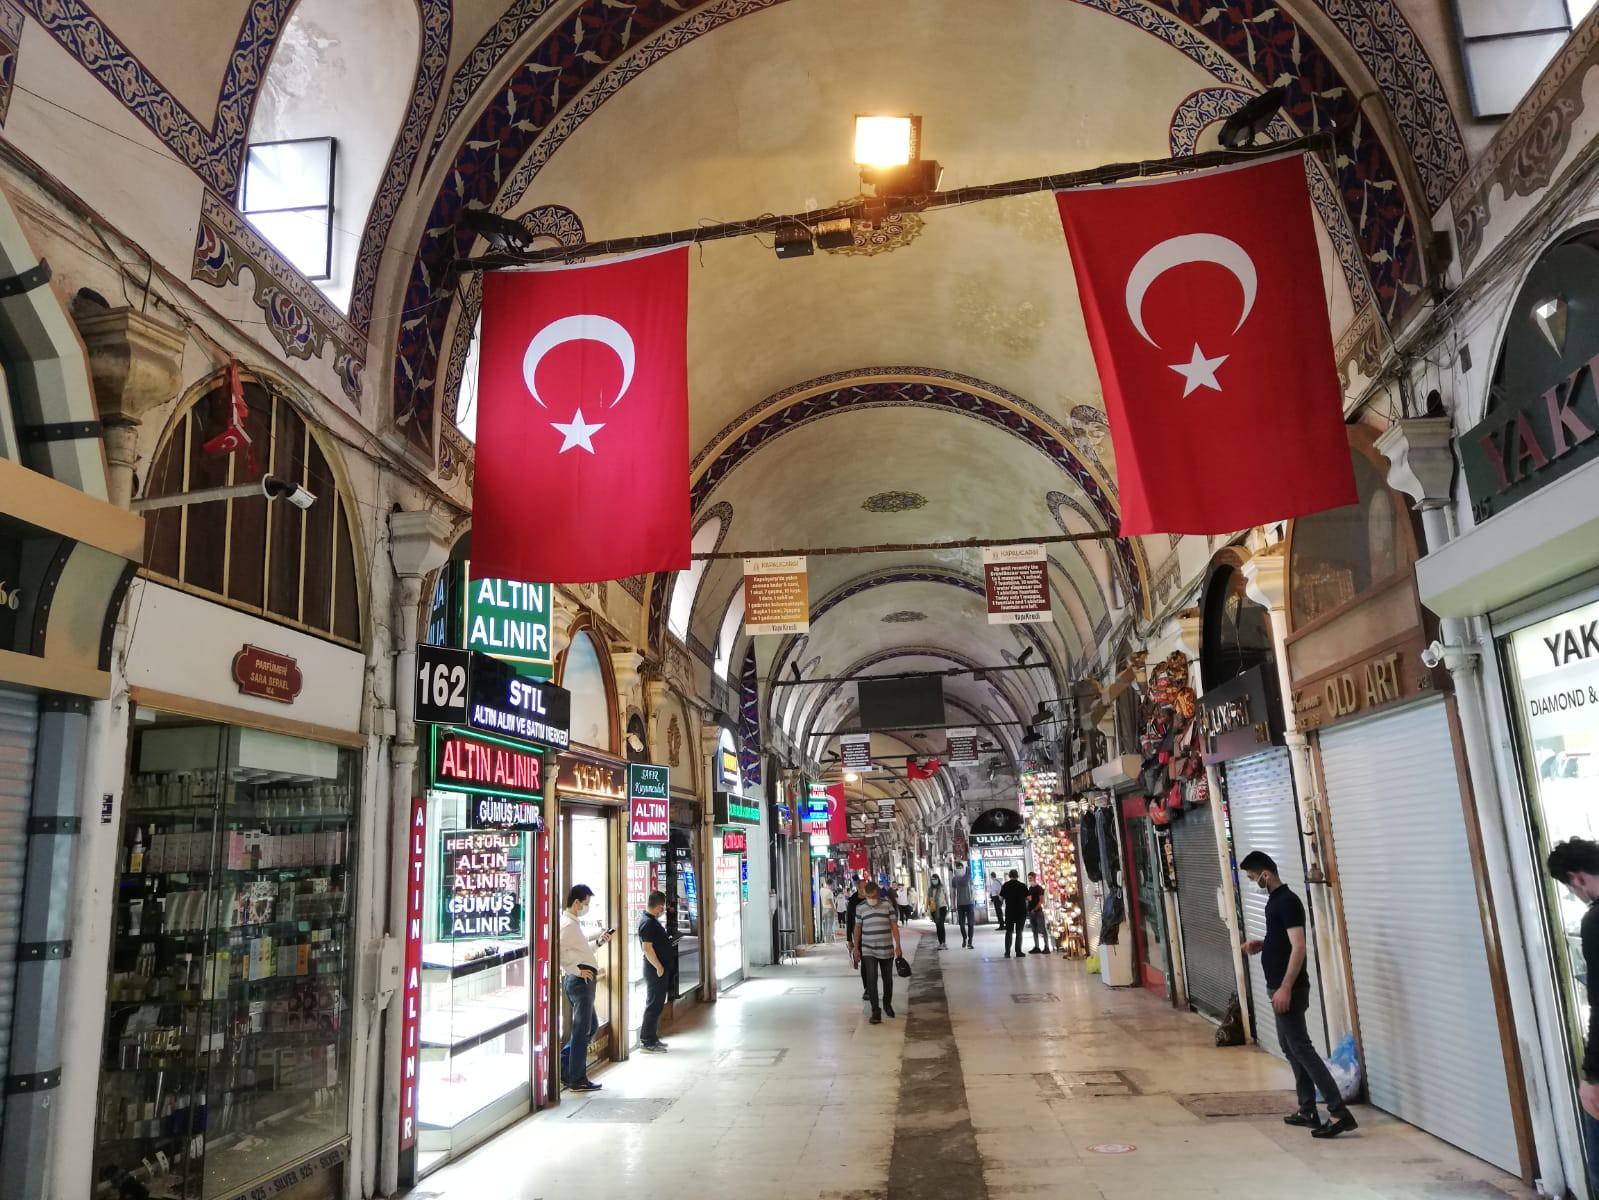 Kapalı Çarşı, kurulduğu günden bu yana yüzyıllar boyunca nice salgın ve yıkıcı yangın felaketlerinden dimdik çıkmış bir mekan. İstanbul'un simgelerinden olan çarşının bugünleri de atlatması ve ışıltılı günlerine tekrar kavuşması bekleniyor.